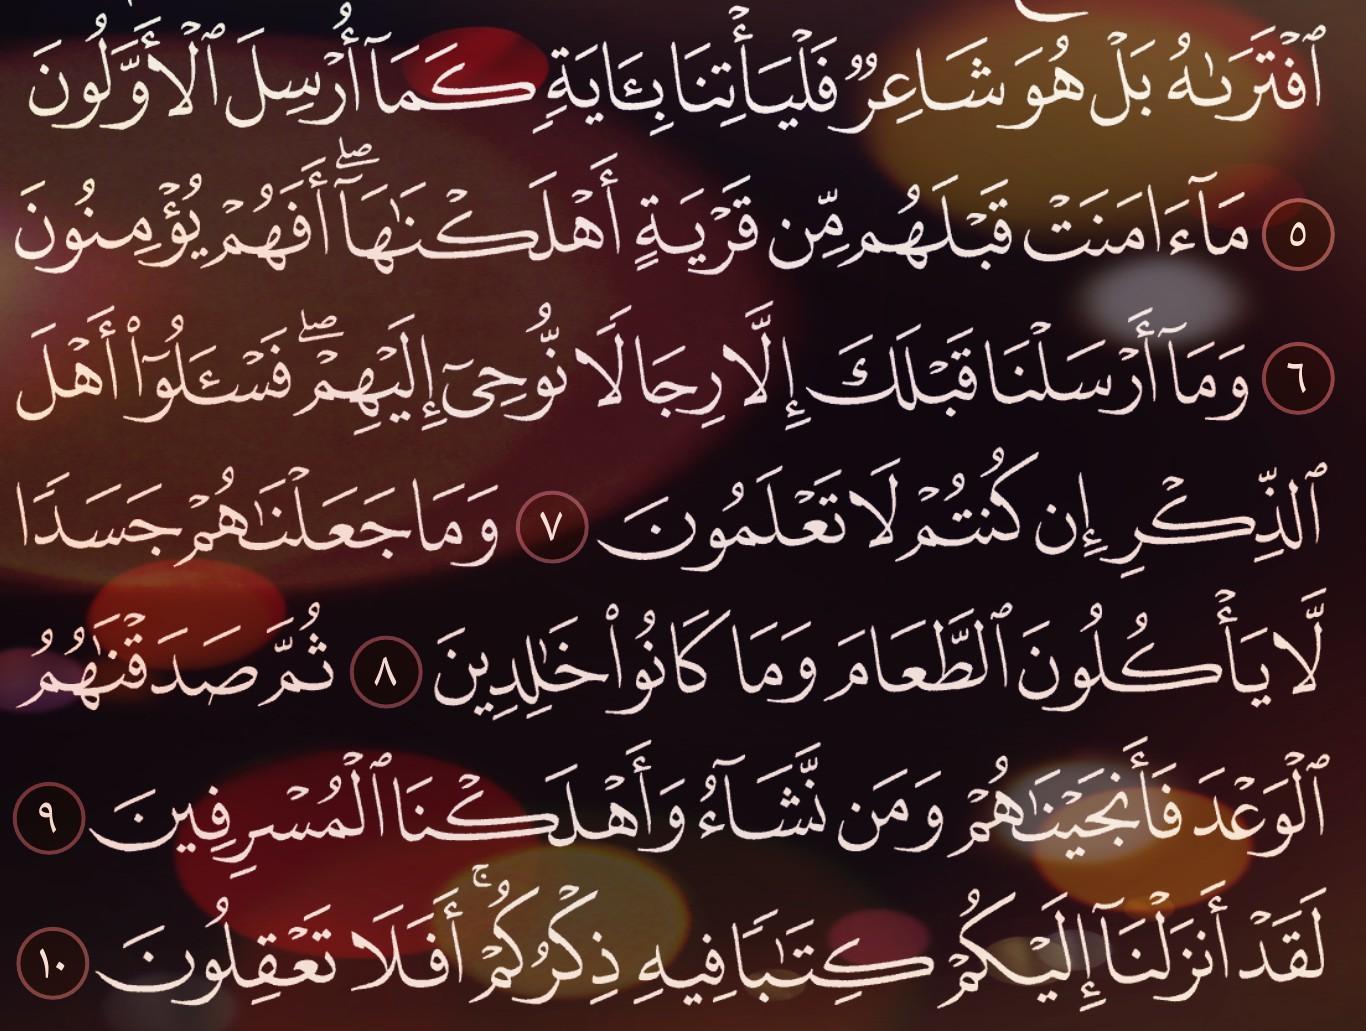 شرح وتفسير سورةالأنبياء surah al-anbiya ( من الآية 1 إلى الاية 10 )